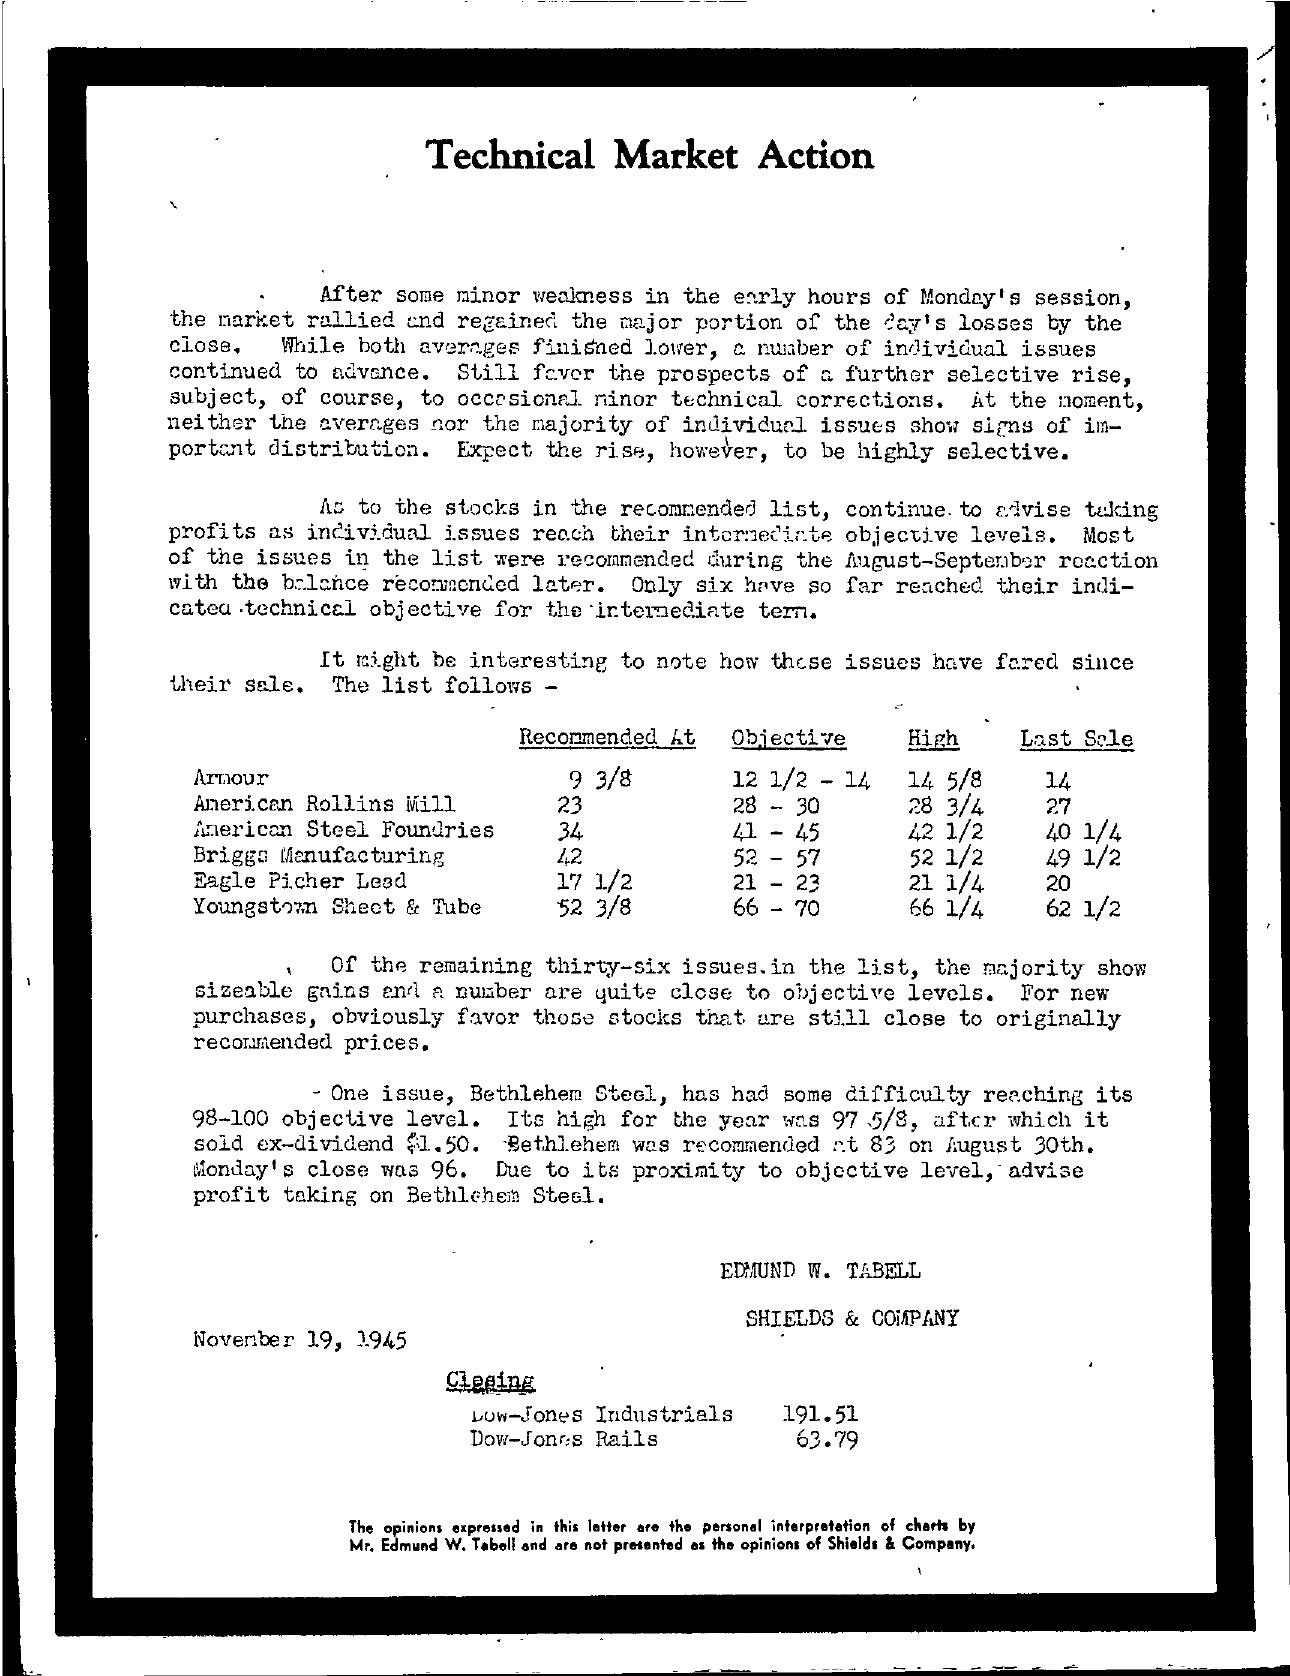 Tabell's Market Letter - November 19, 1945